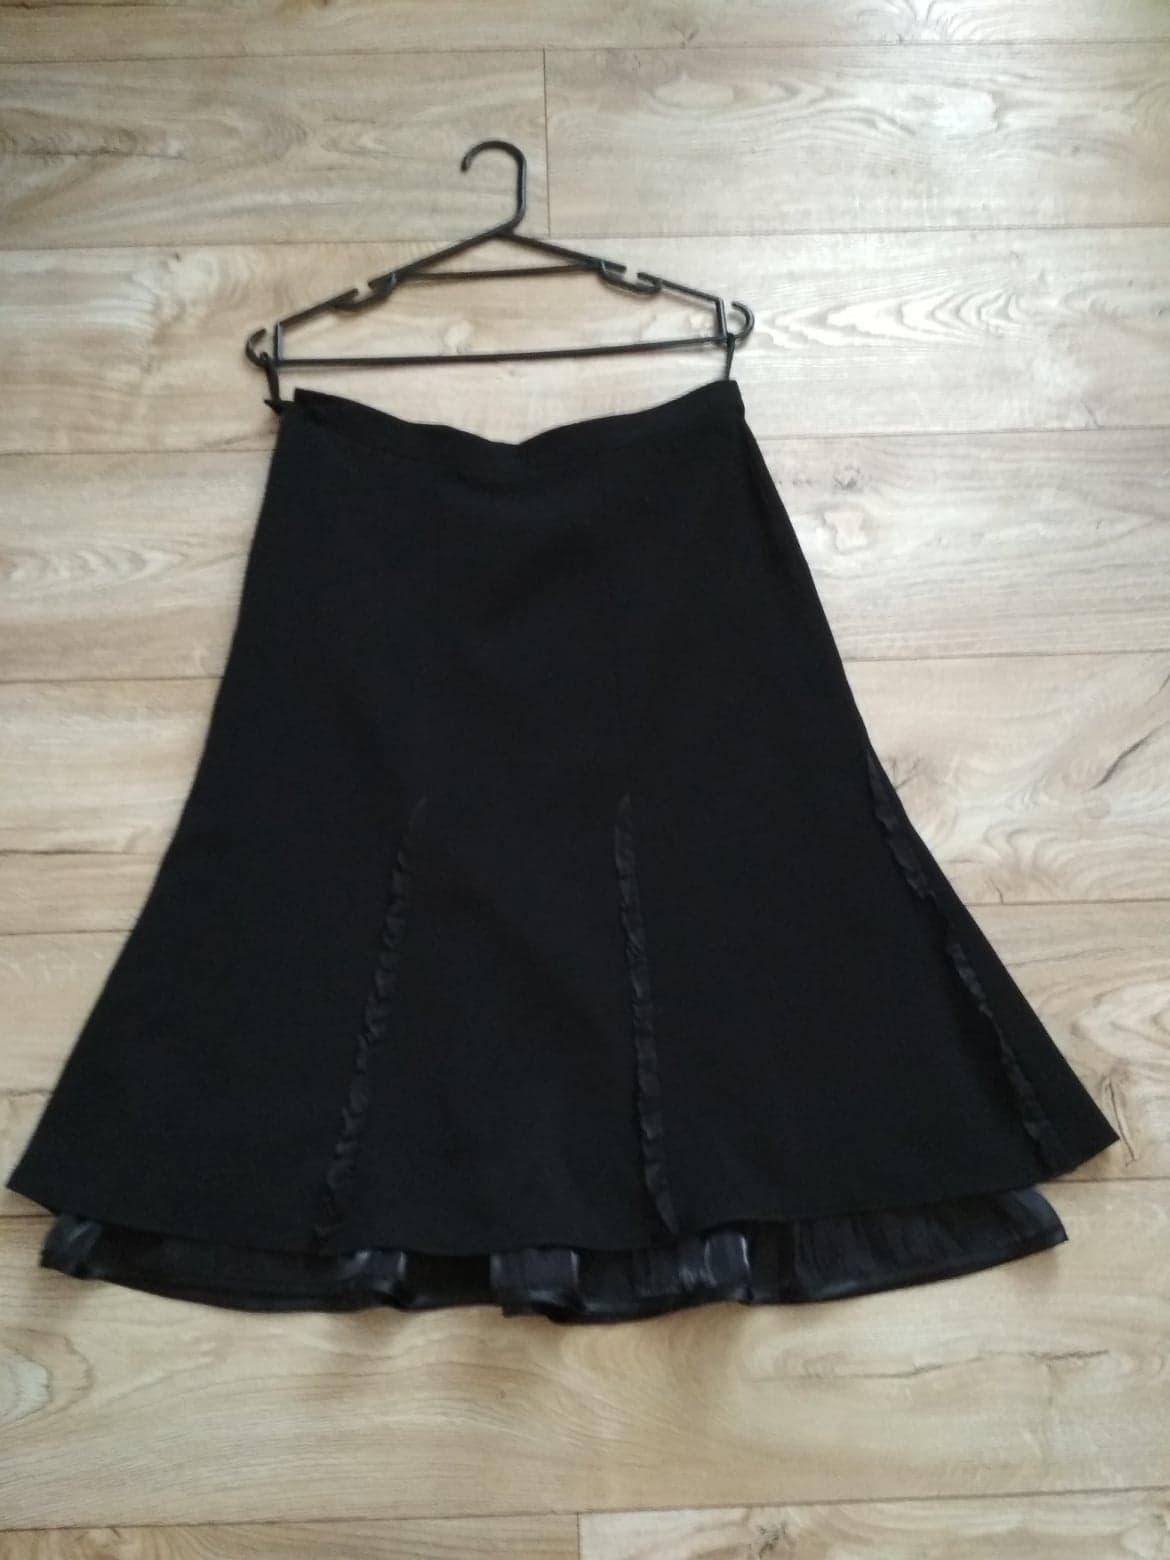 Zvonová sukňa - Obrázok č. 1